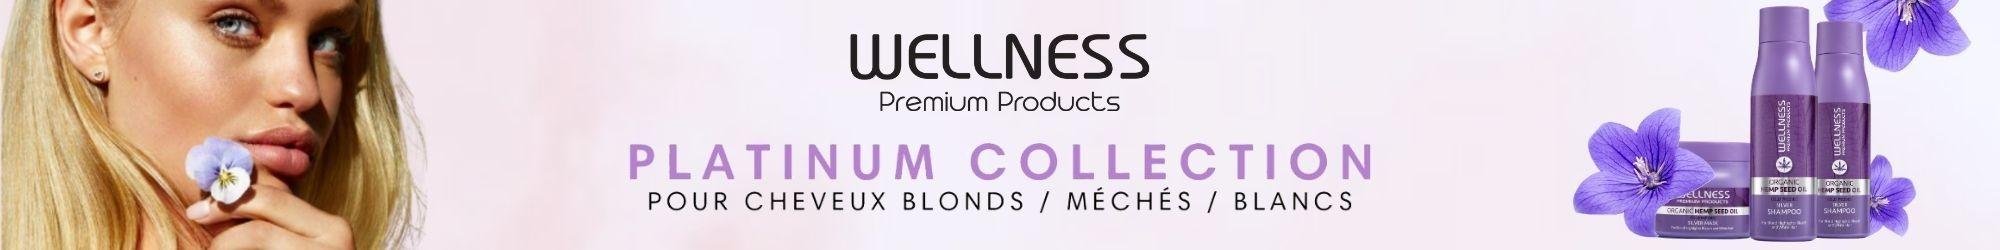 Planitum Collection - cheveux blonds et blancs